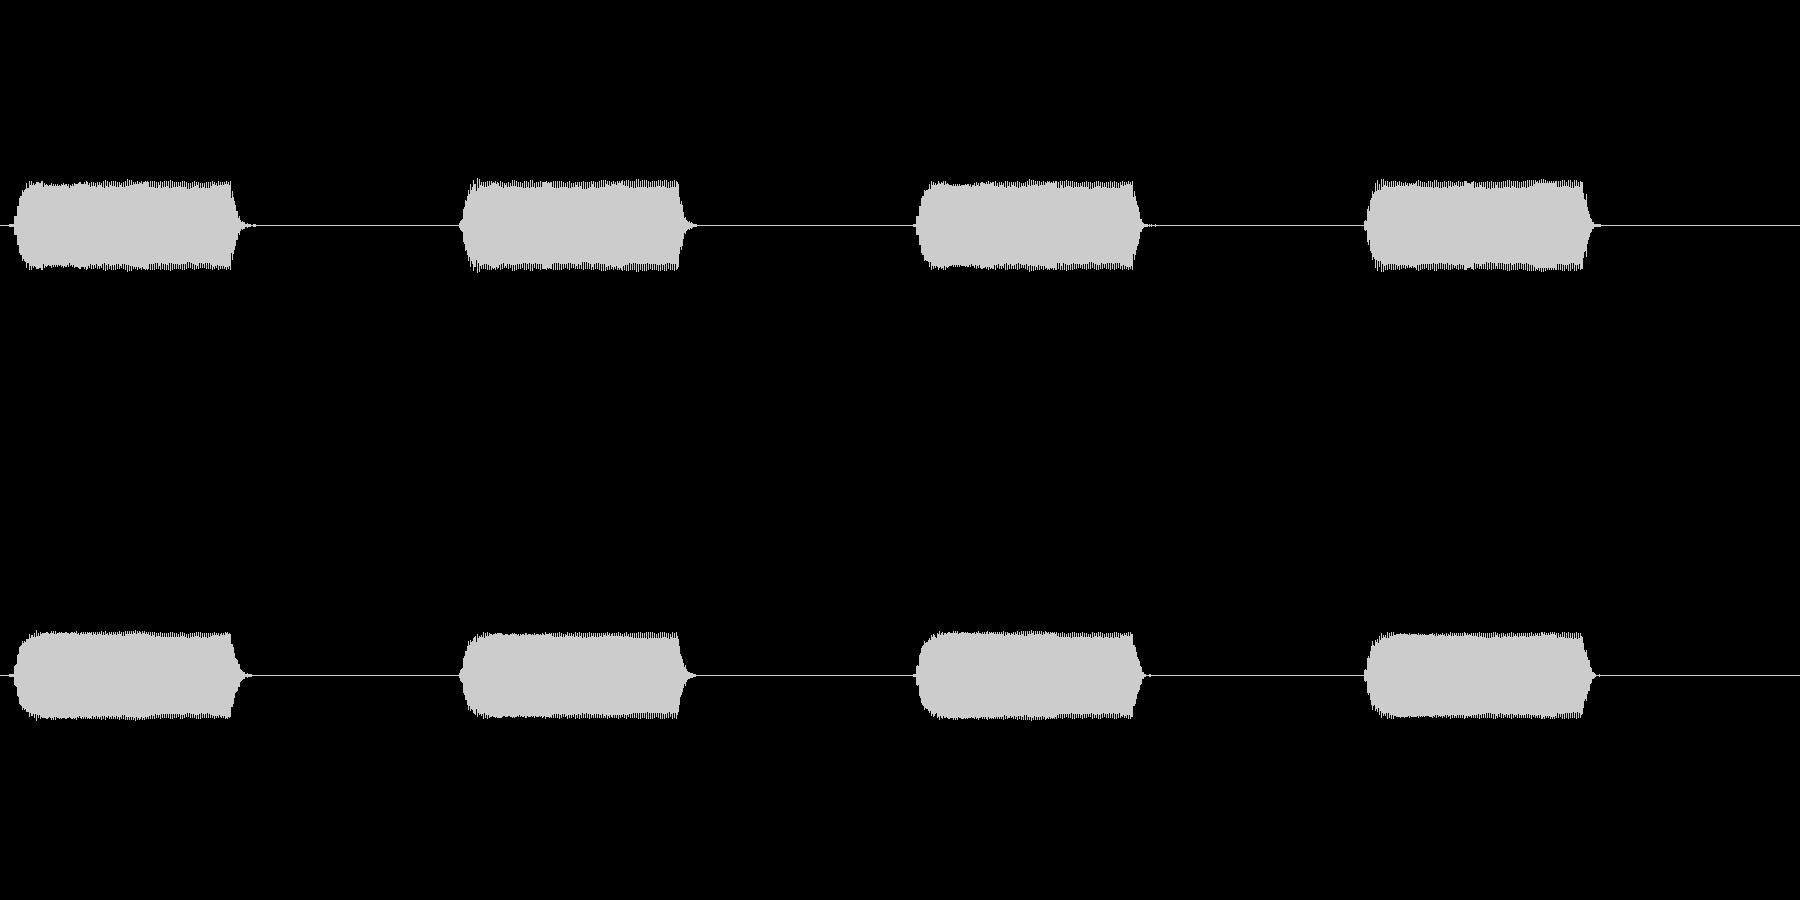 【携帯電話 バイブ01-1L】の未再生の波形